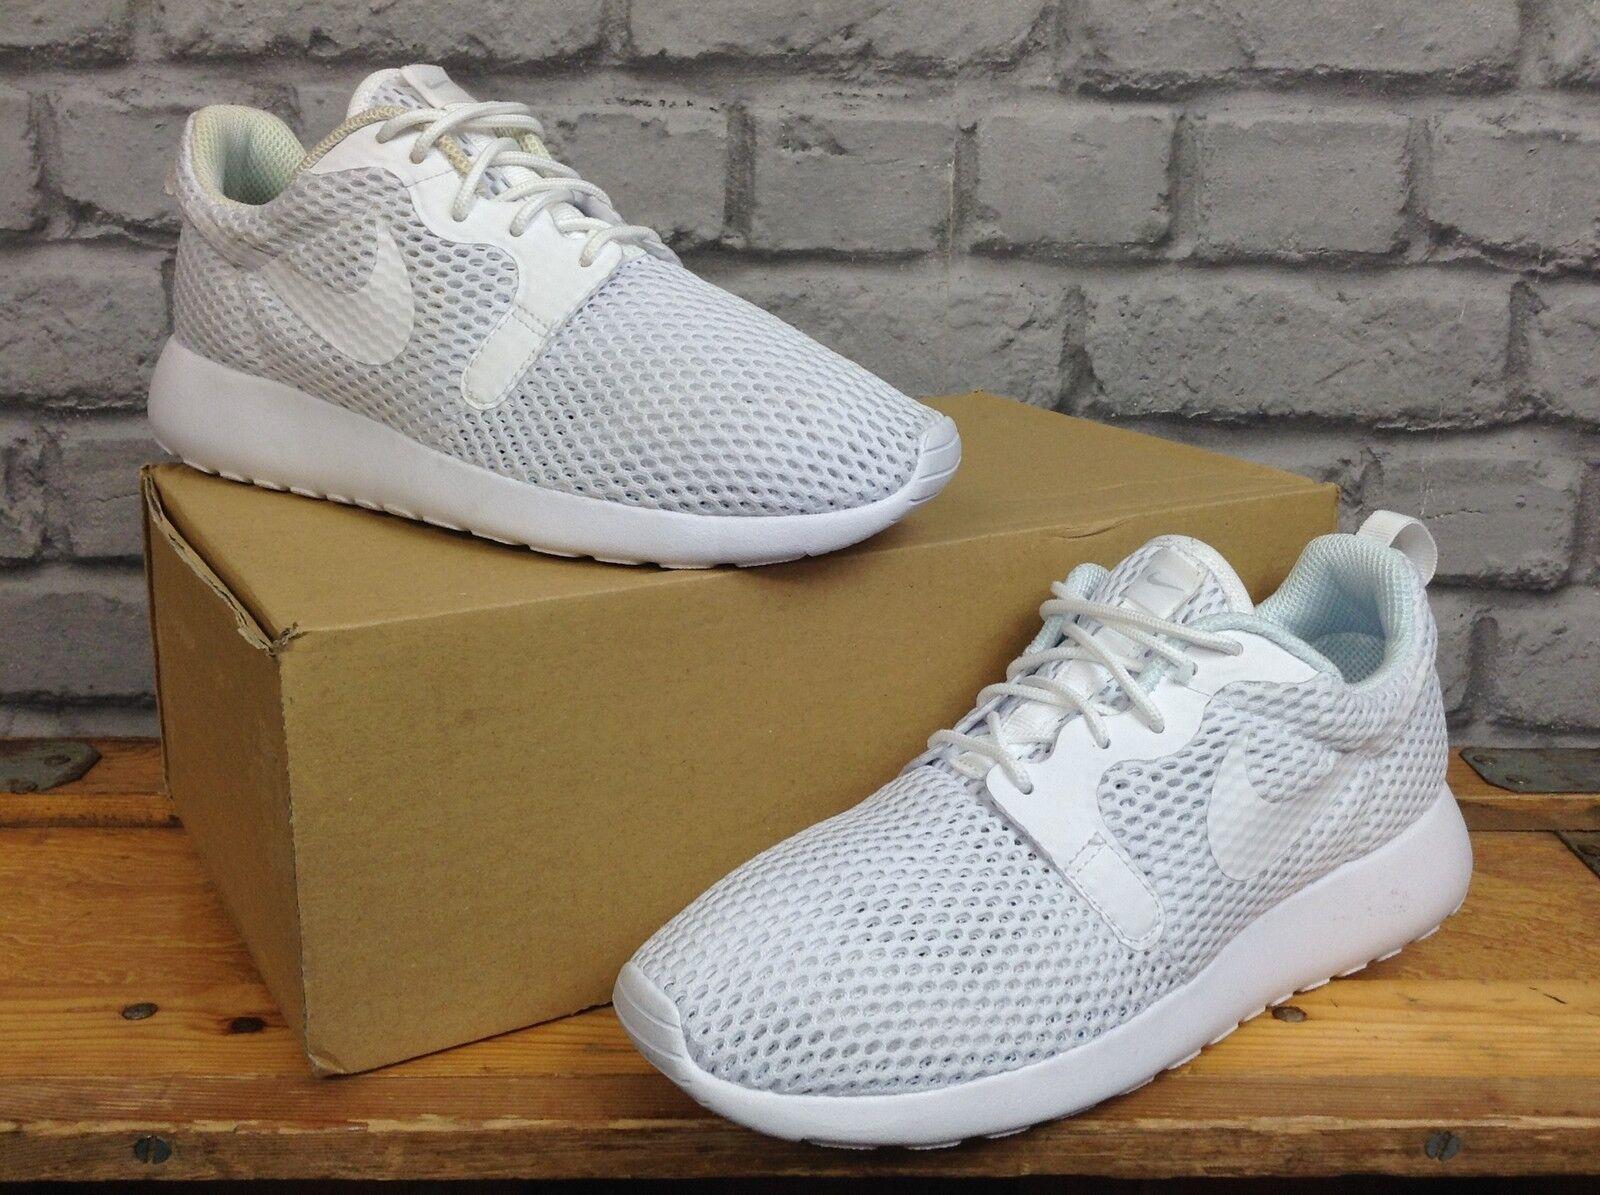 Nike De Las Señoras UK 5.5 EU 39 blancoo roshe roshe roshe Hyperfuse respirar entrenadores 807a44